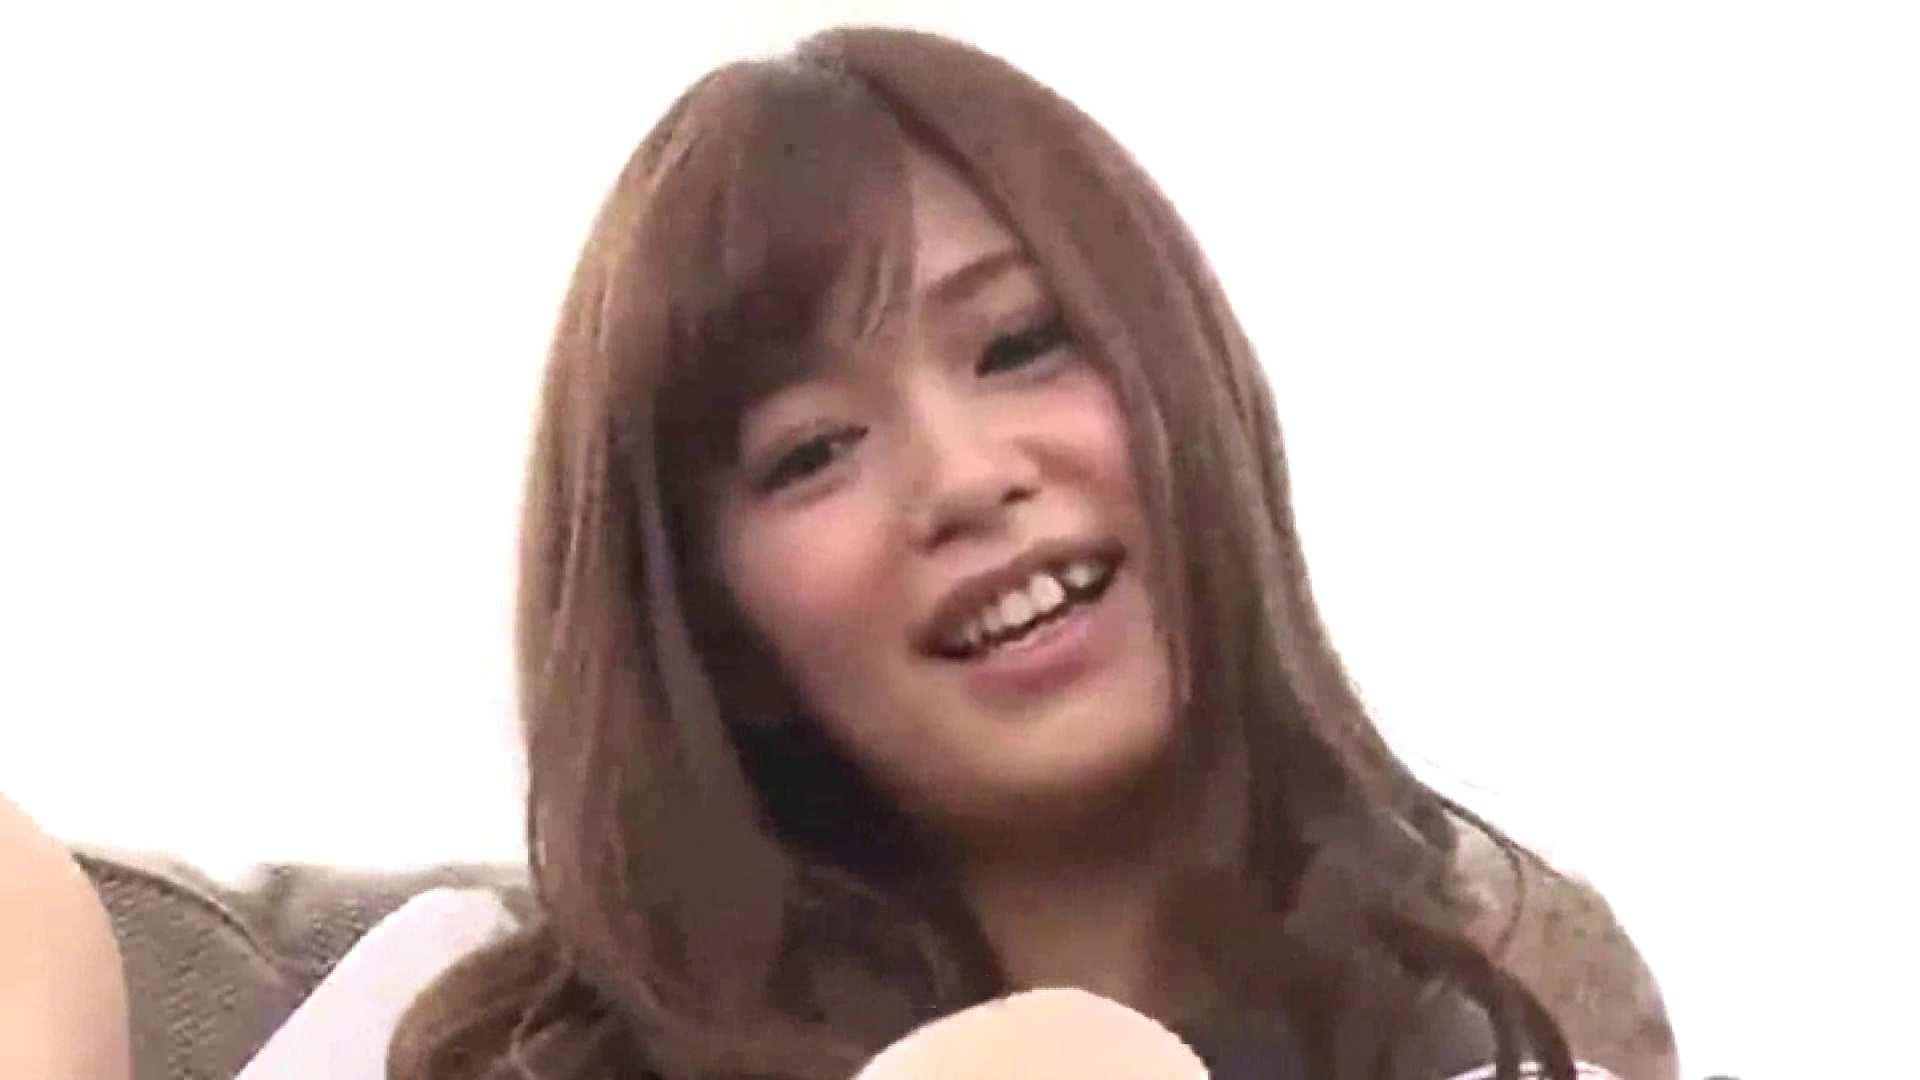 もぎたて旬の果実 Vol.26 いやらしいOL オマンコ動画キャプチャ 39連発 14